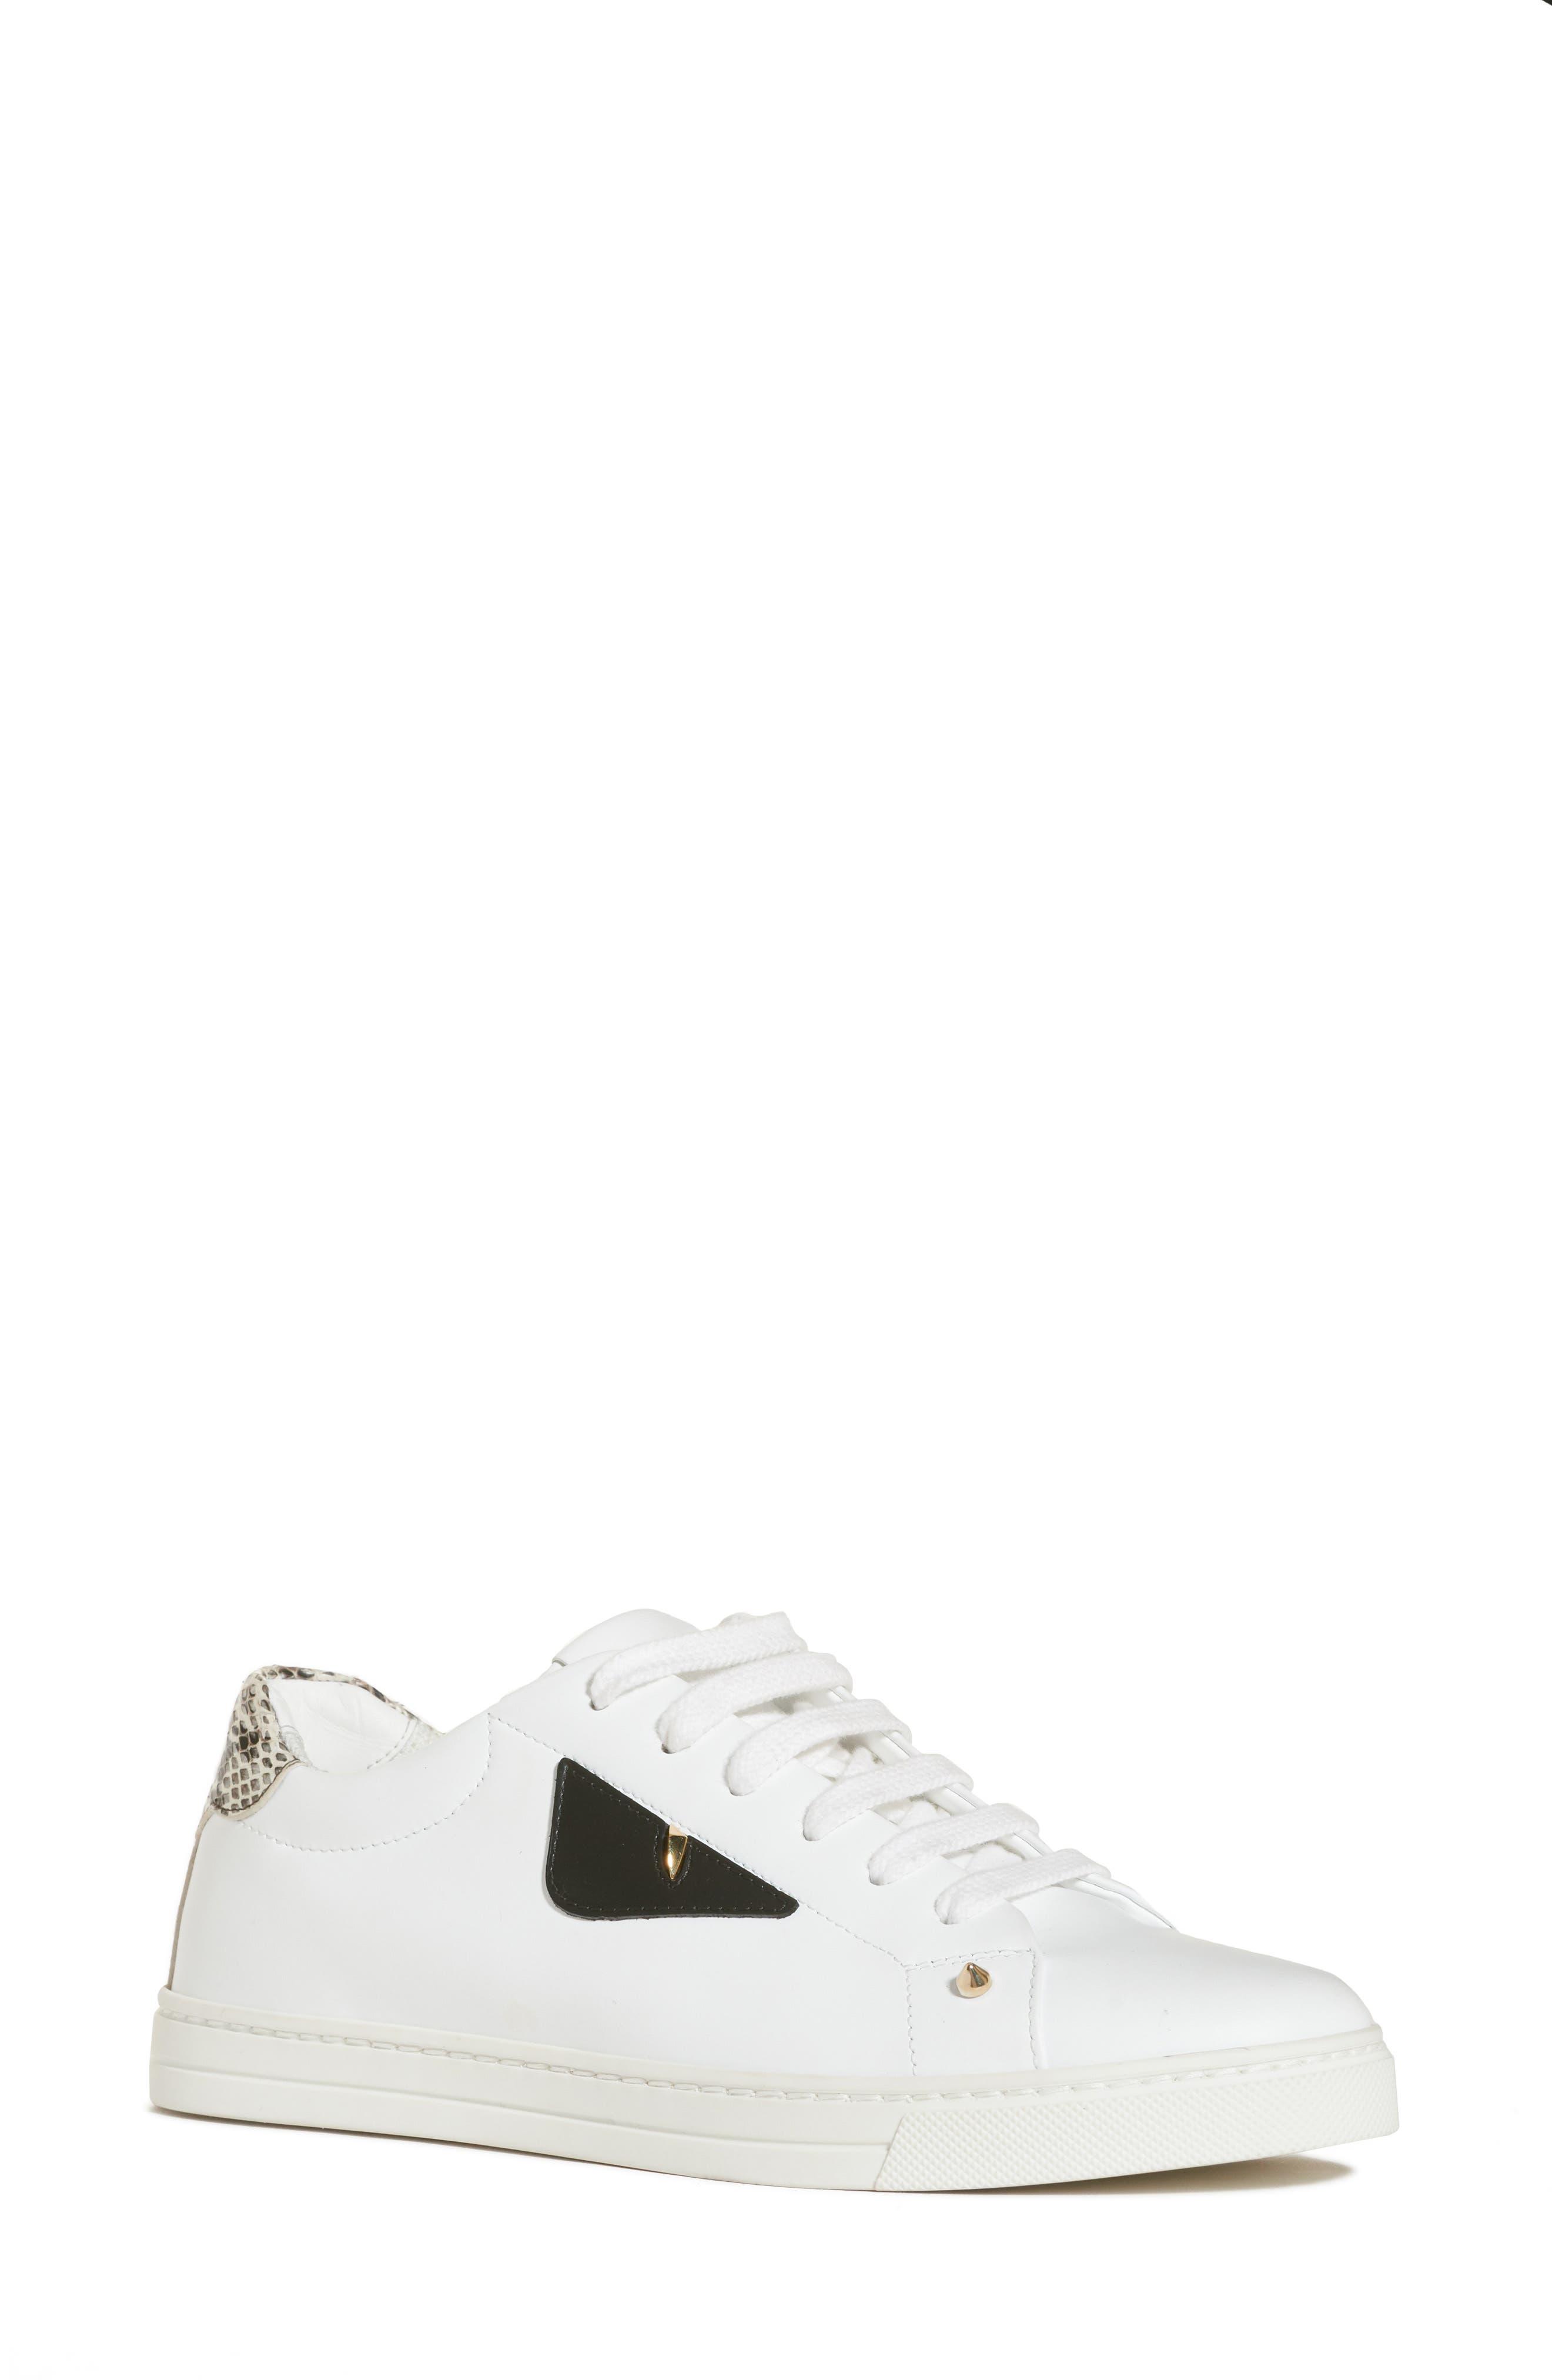 Bugs Sneaker,                             Main thumbnail 1, color,                             WHITE/ SNAKEPRINT